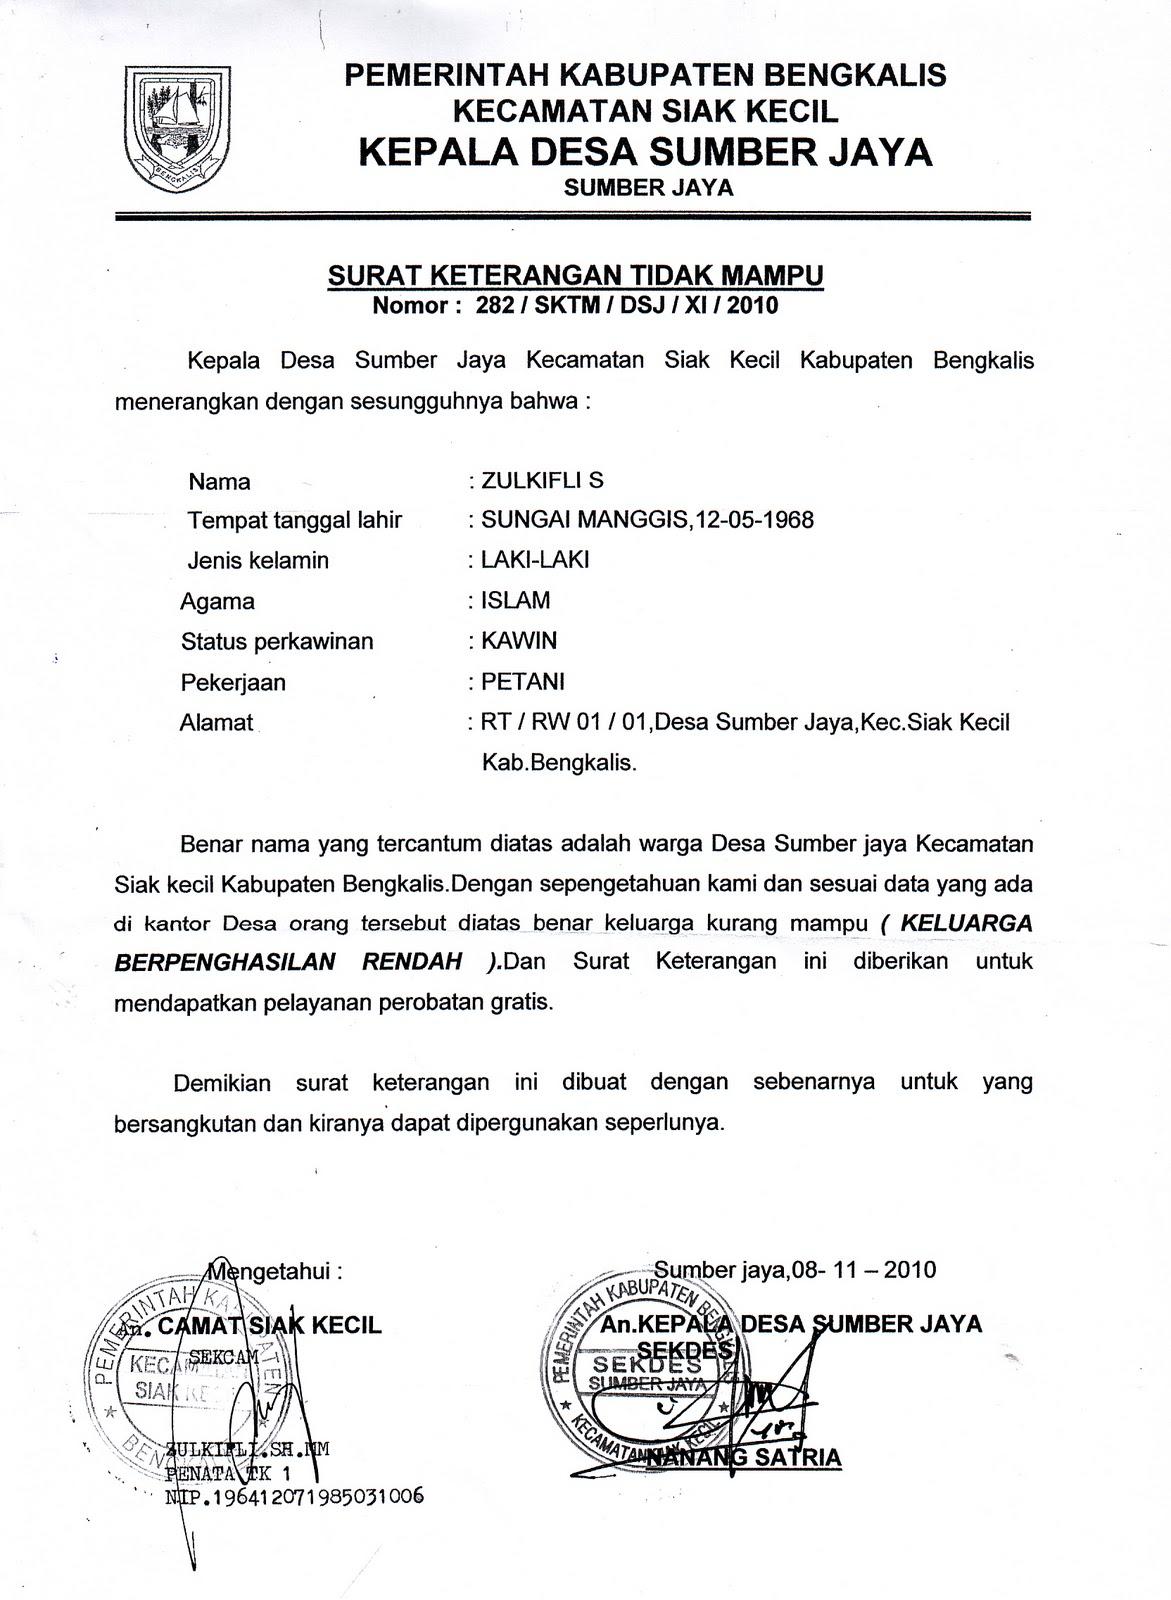 Contoh Surat Pengaduan Ke Rt